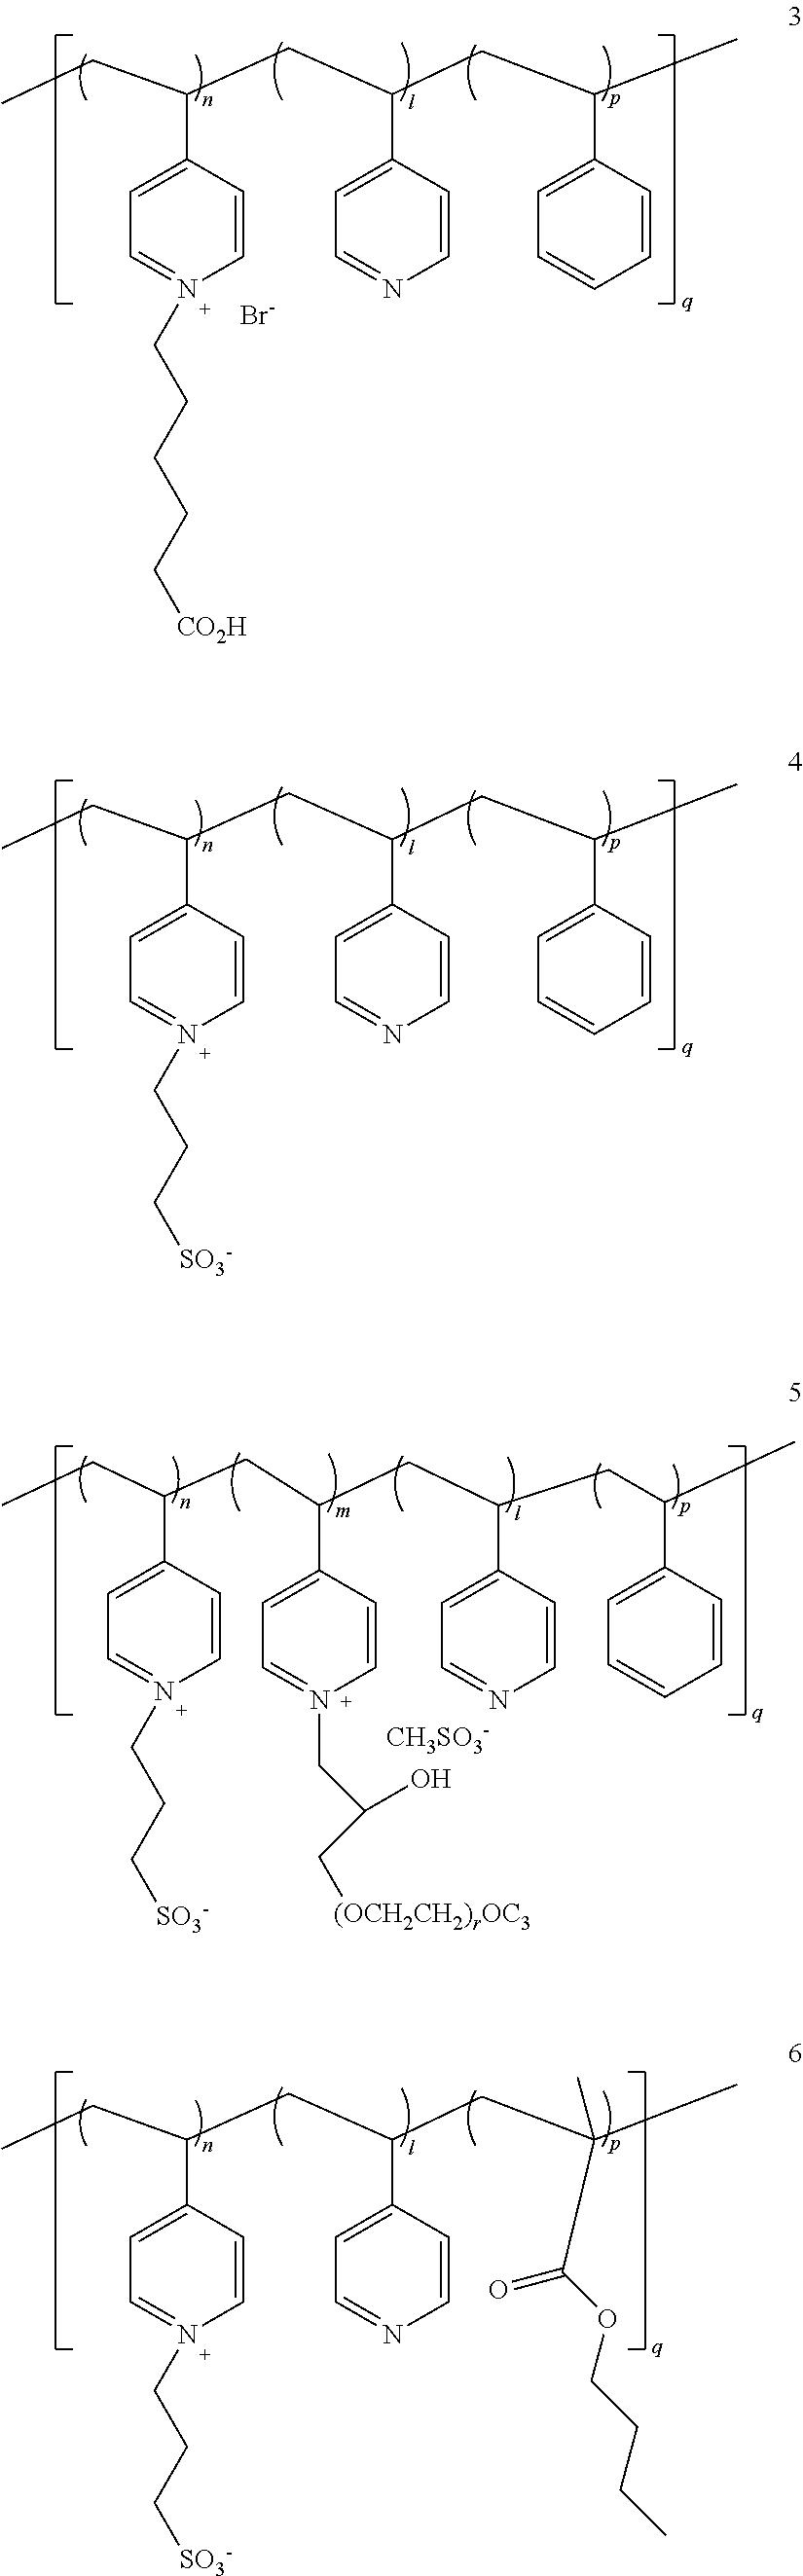 Figure US09713443-20170725-C00007